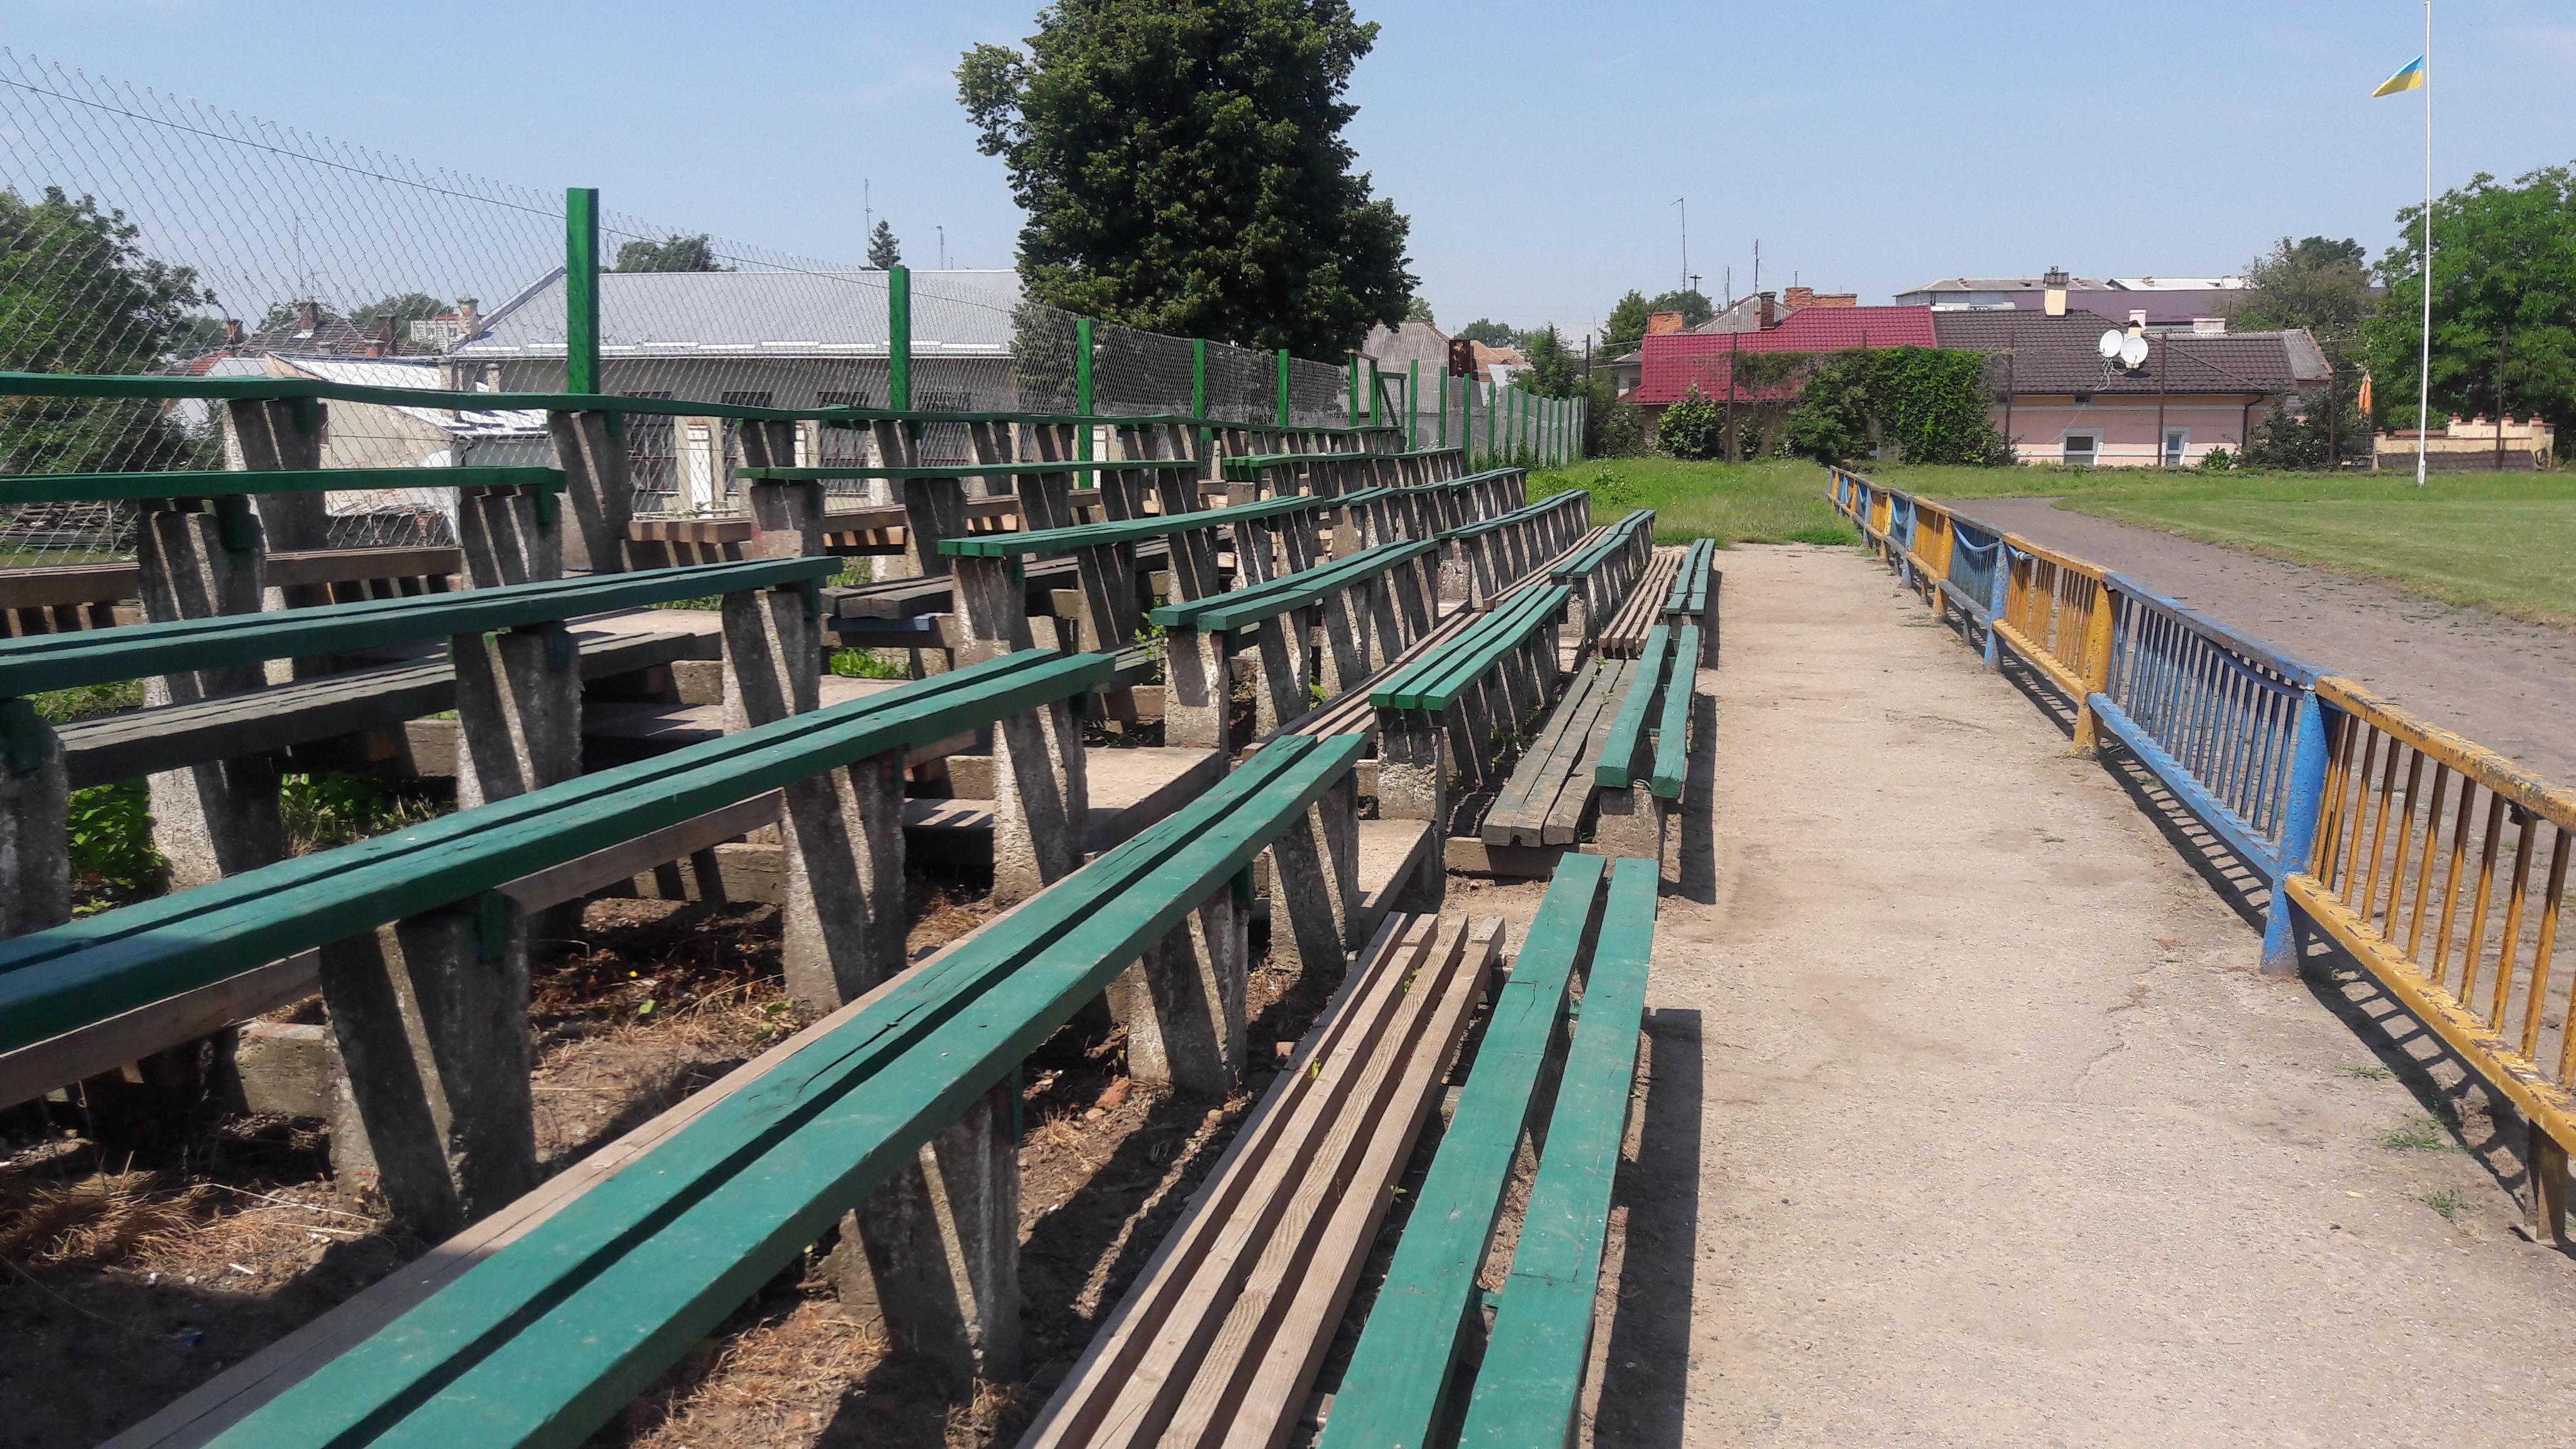 Провінційні стадіони України: Дерев'яно-пластикова арена у Самборі - фото 7